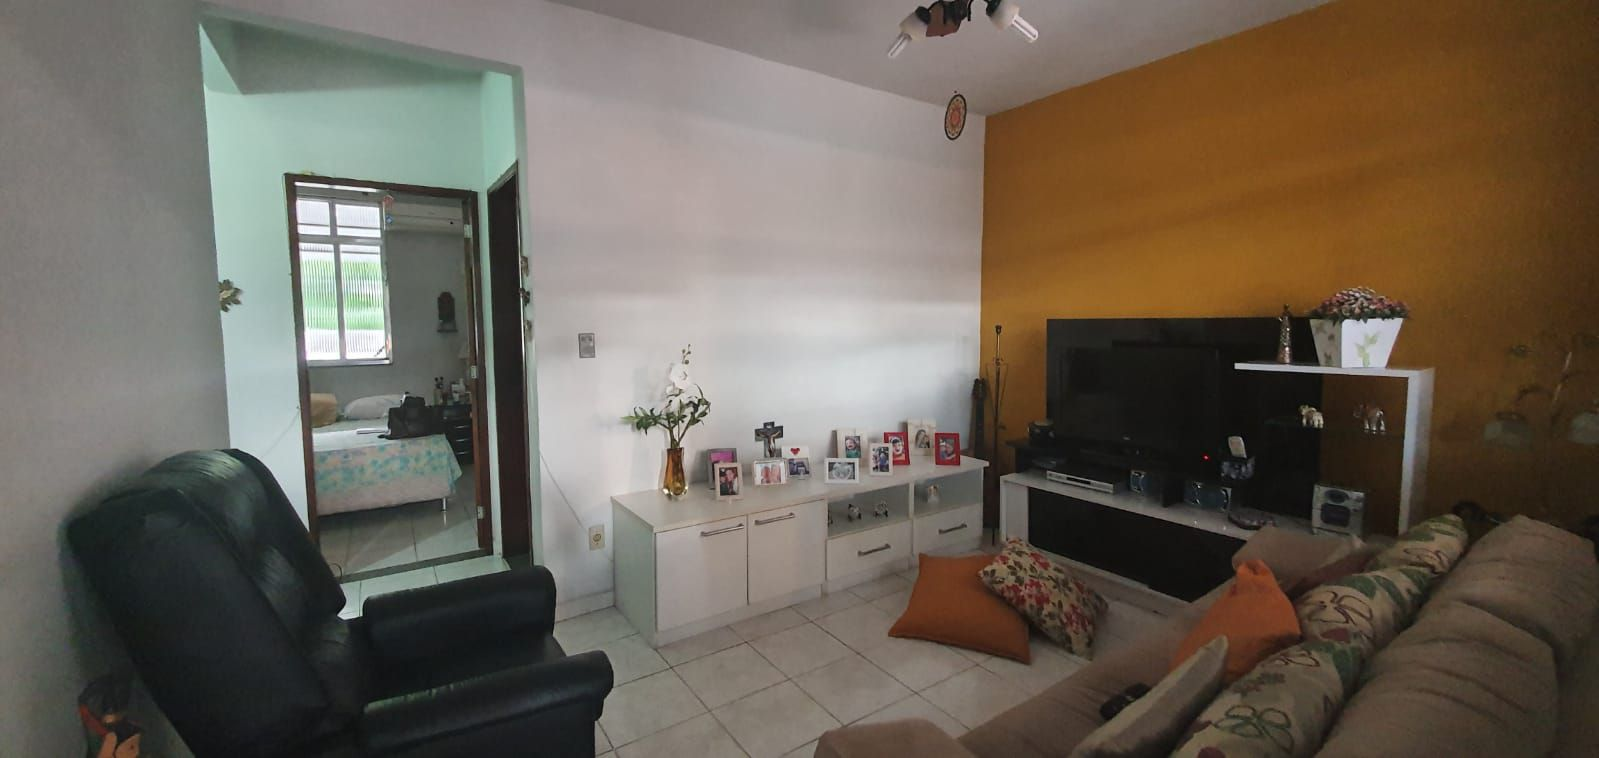 Casa Rio de Janeiro, Portuguesa, RJ À Venda, 2 Quartos, 120m² - VD 00001 - 1